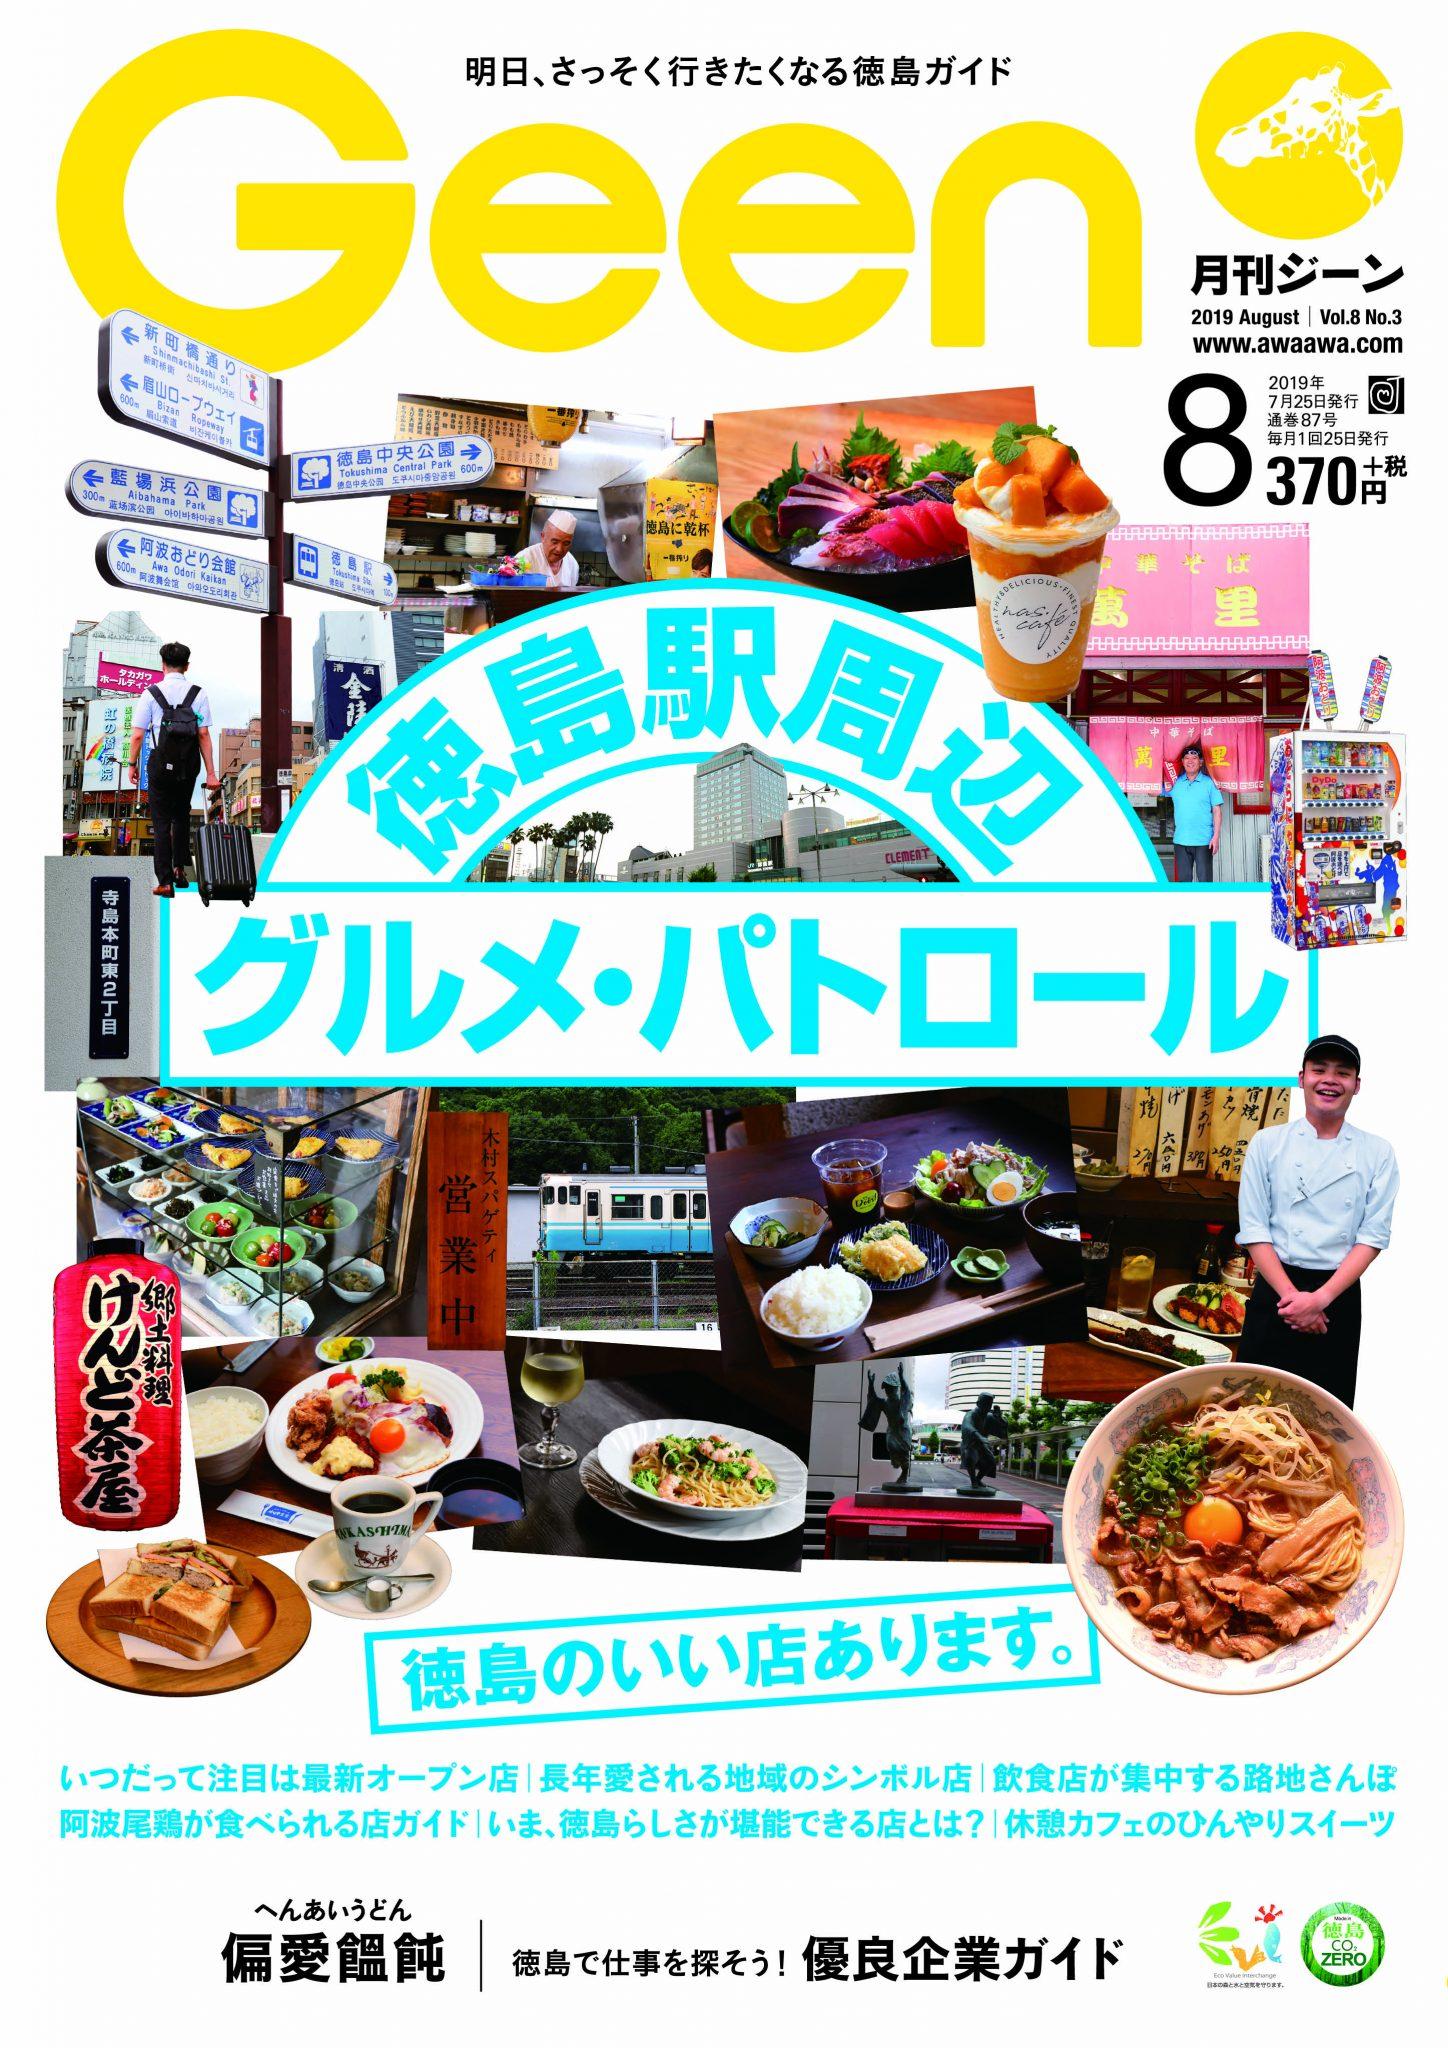 徳島駅周辺グルメ・パトロール。偏愛饂飩。 優良企業ガイド。明日、さっそく行きたくなる徳島ガイド Geen2019年8月号  7/24発売!